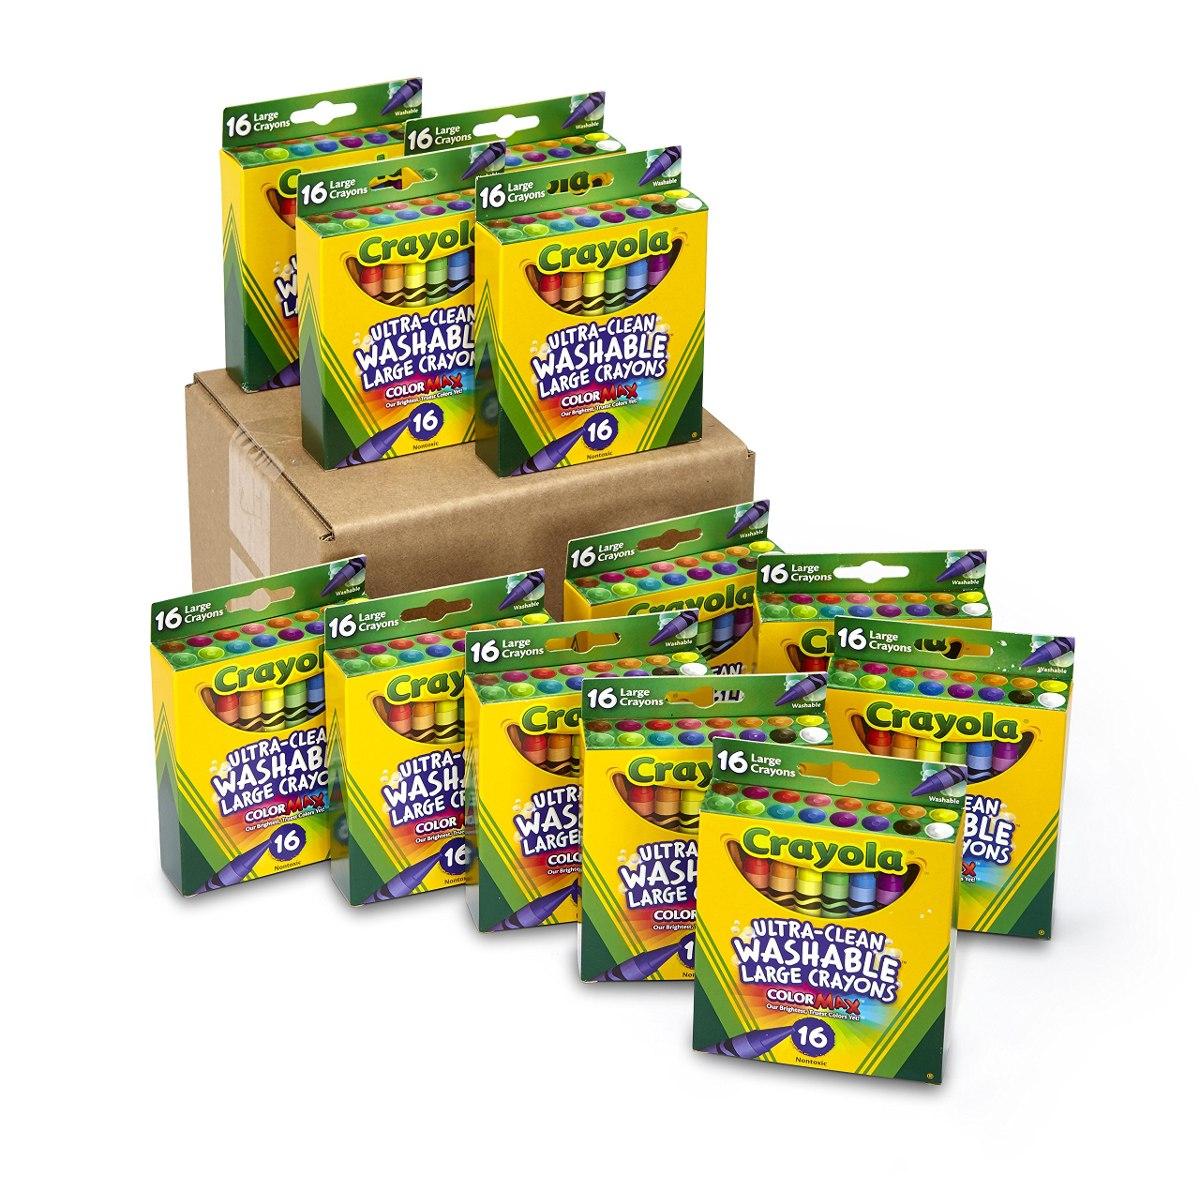 Crayola Ultra-clean Crayones Grandes Lavables, Juego A Gr - U$S 98 ...